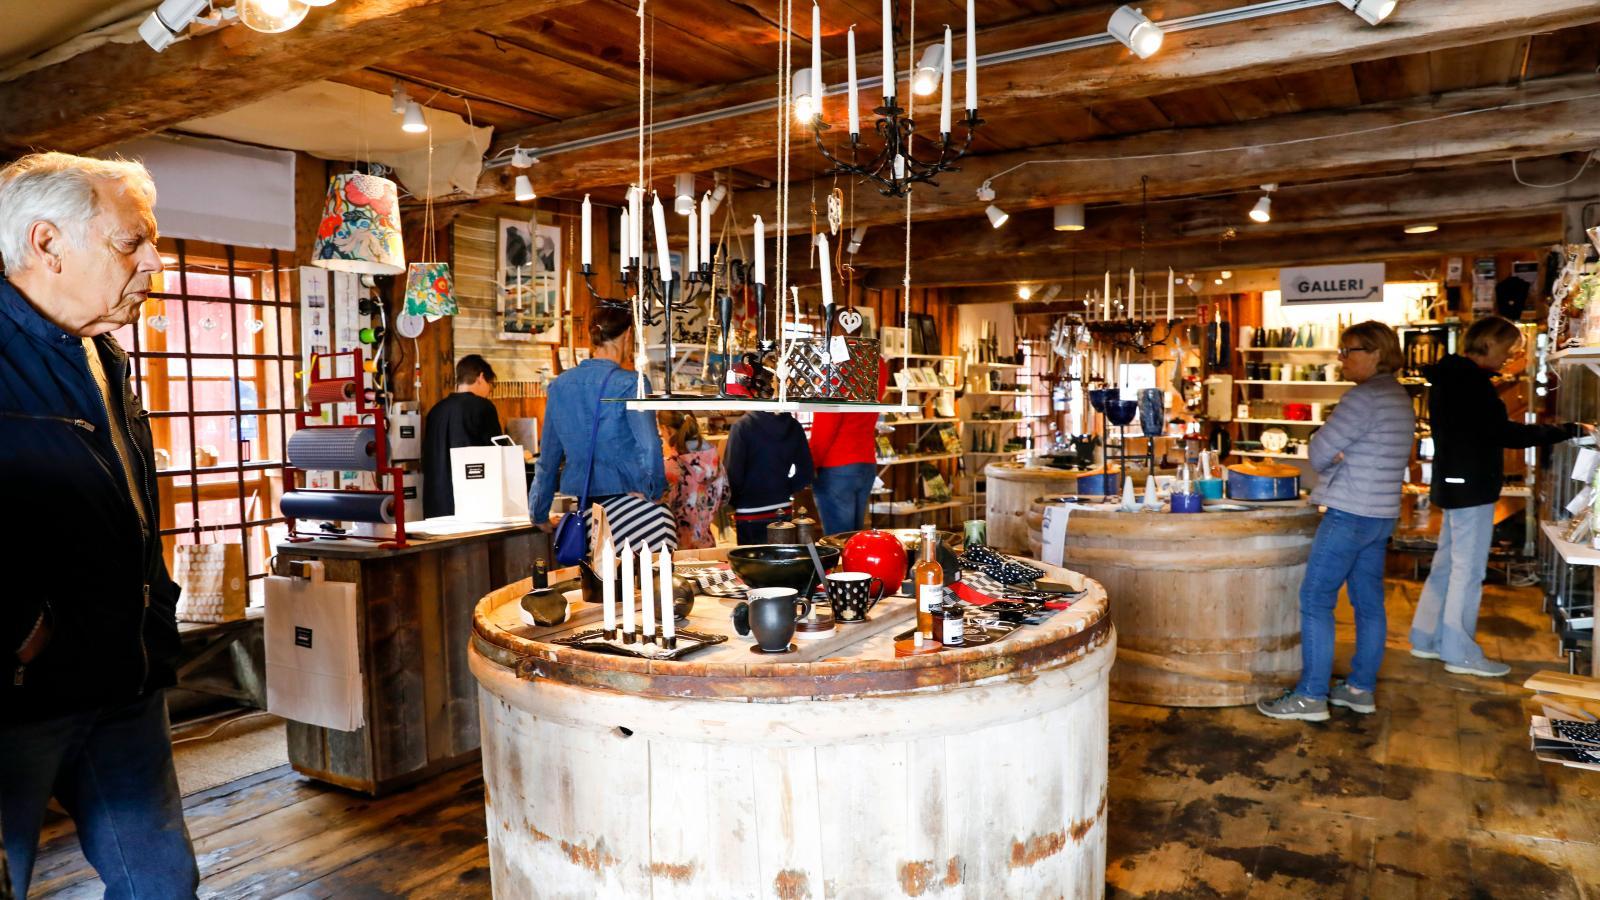 I hamnmagasinet finns olika typer av hantverk till salu. Till exempel slöjd, smide och textilier.